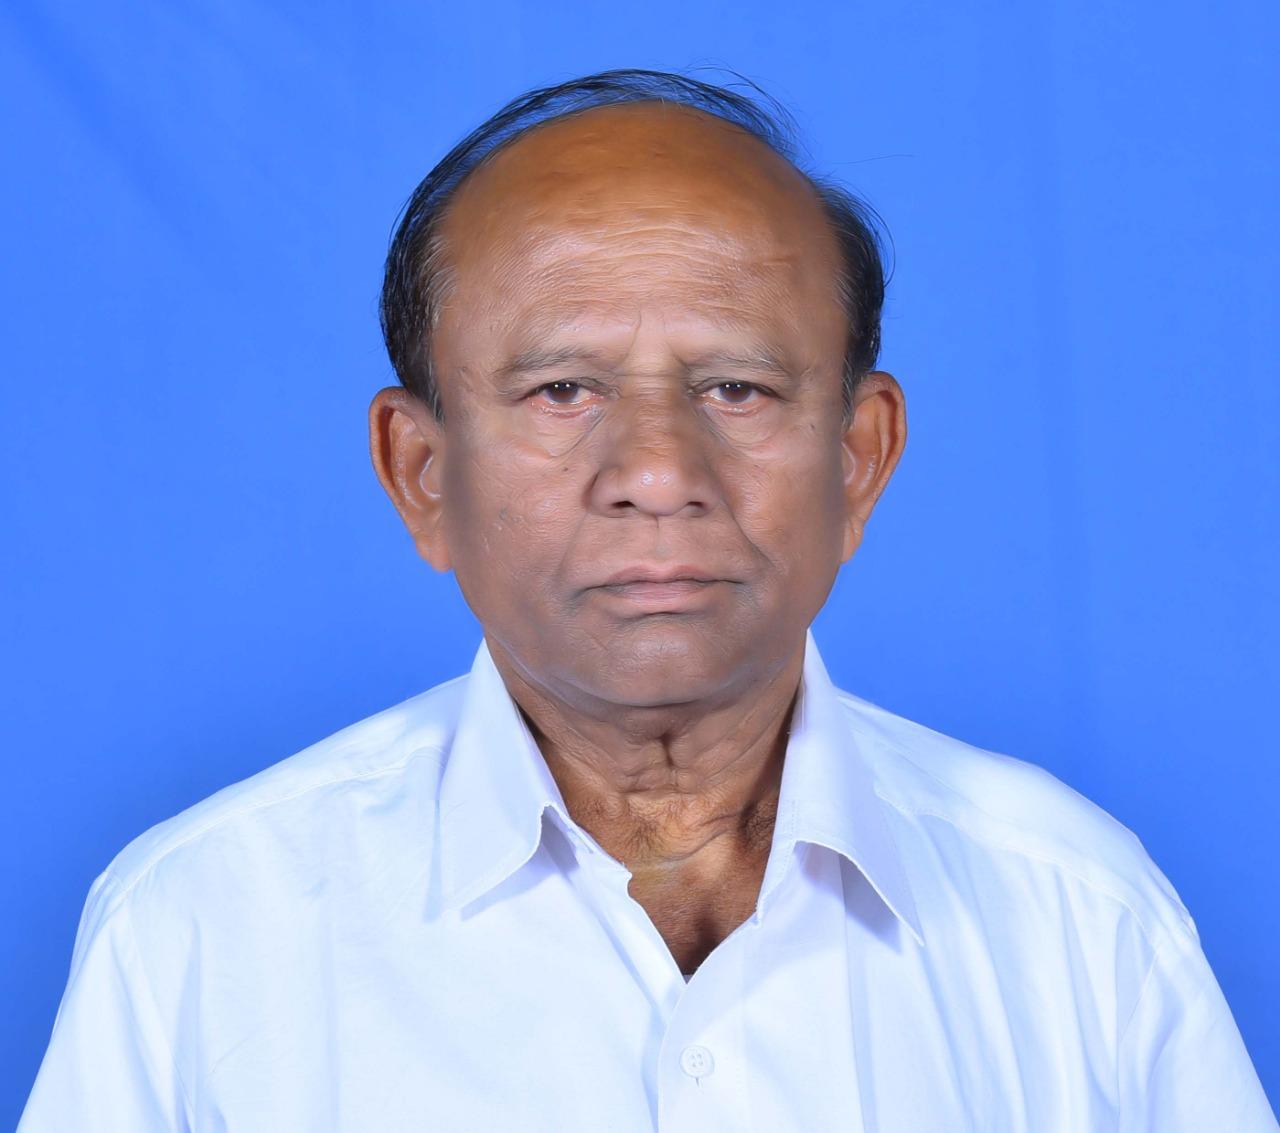 ಶ್ರೀಯತ ಕೆ.ಜಿ ಚಂದ್ರಮೋಹನ್ರವರು